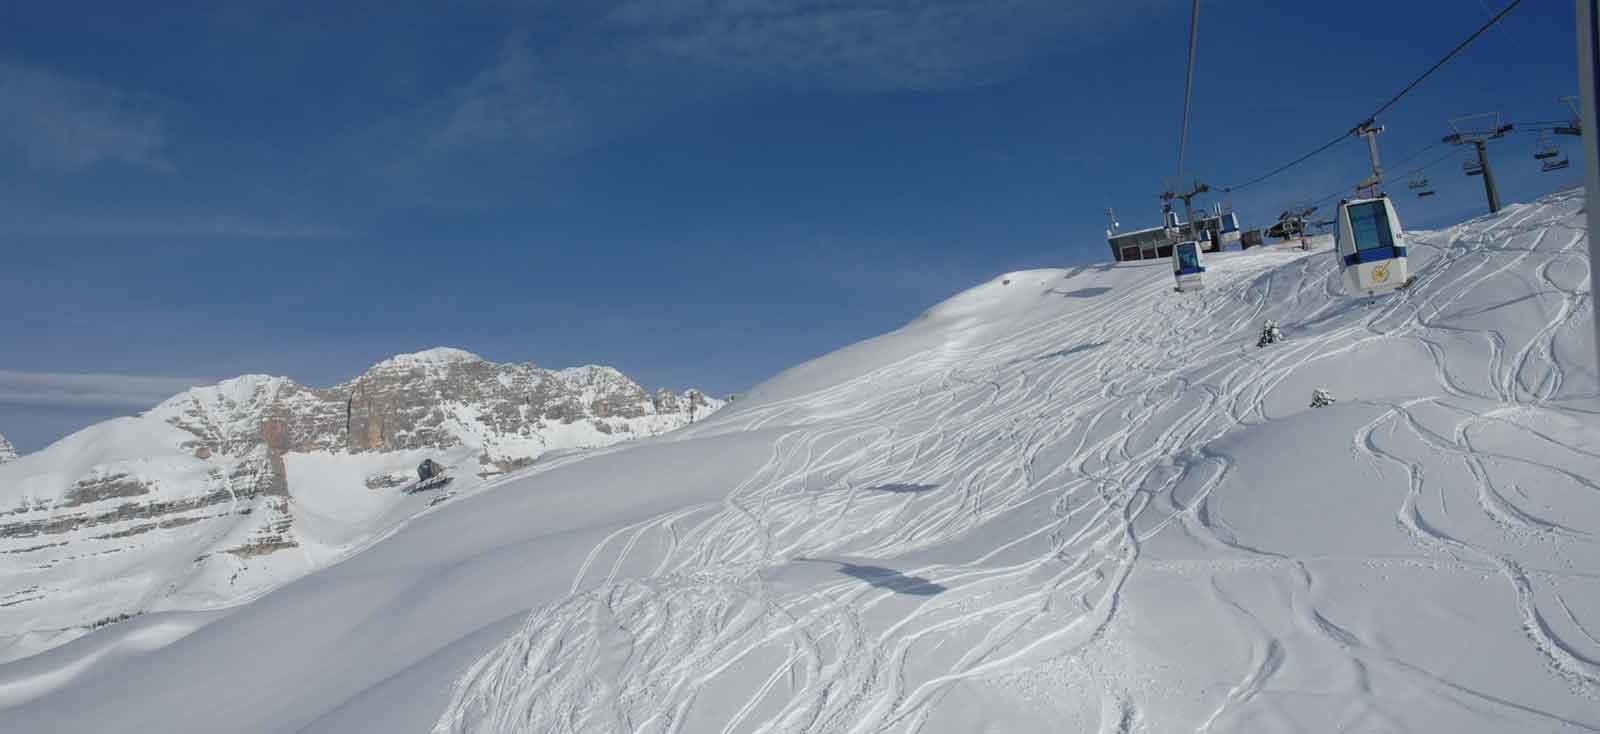 Berghttenhochzeiten Berghtte in den Dolomiten